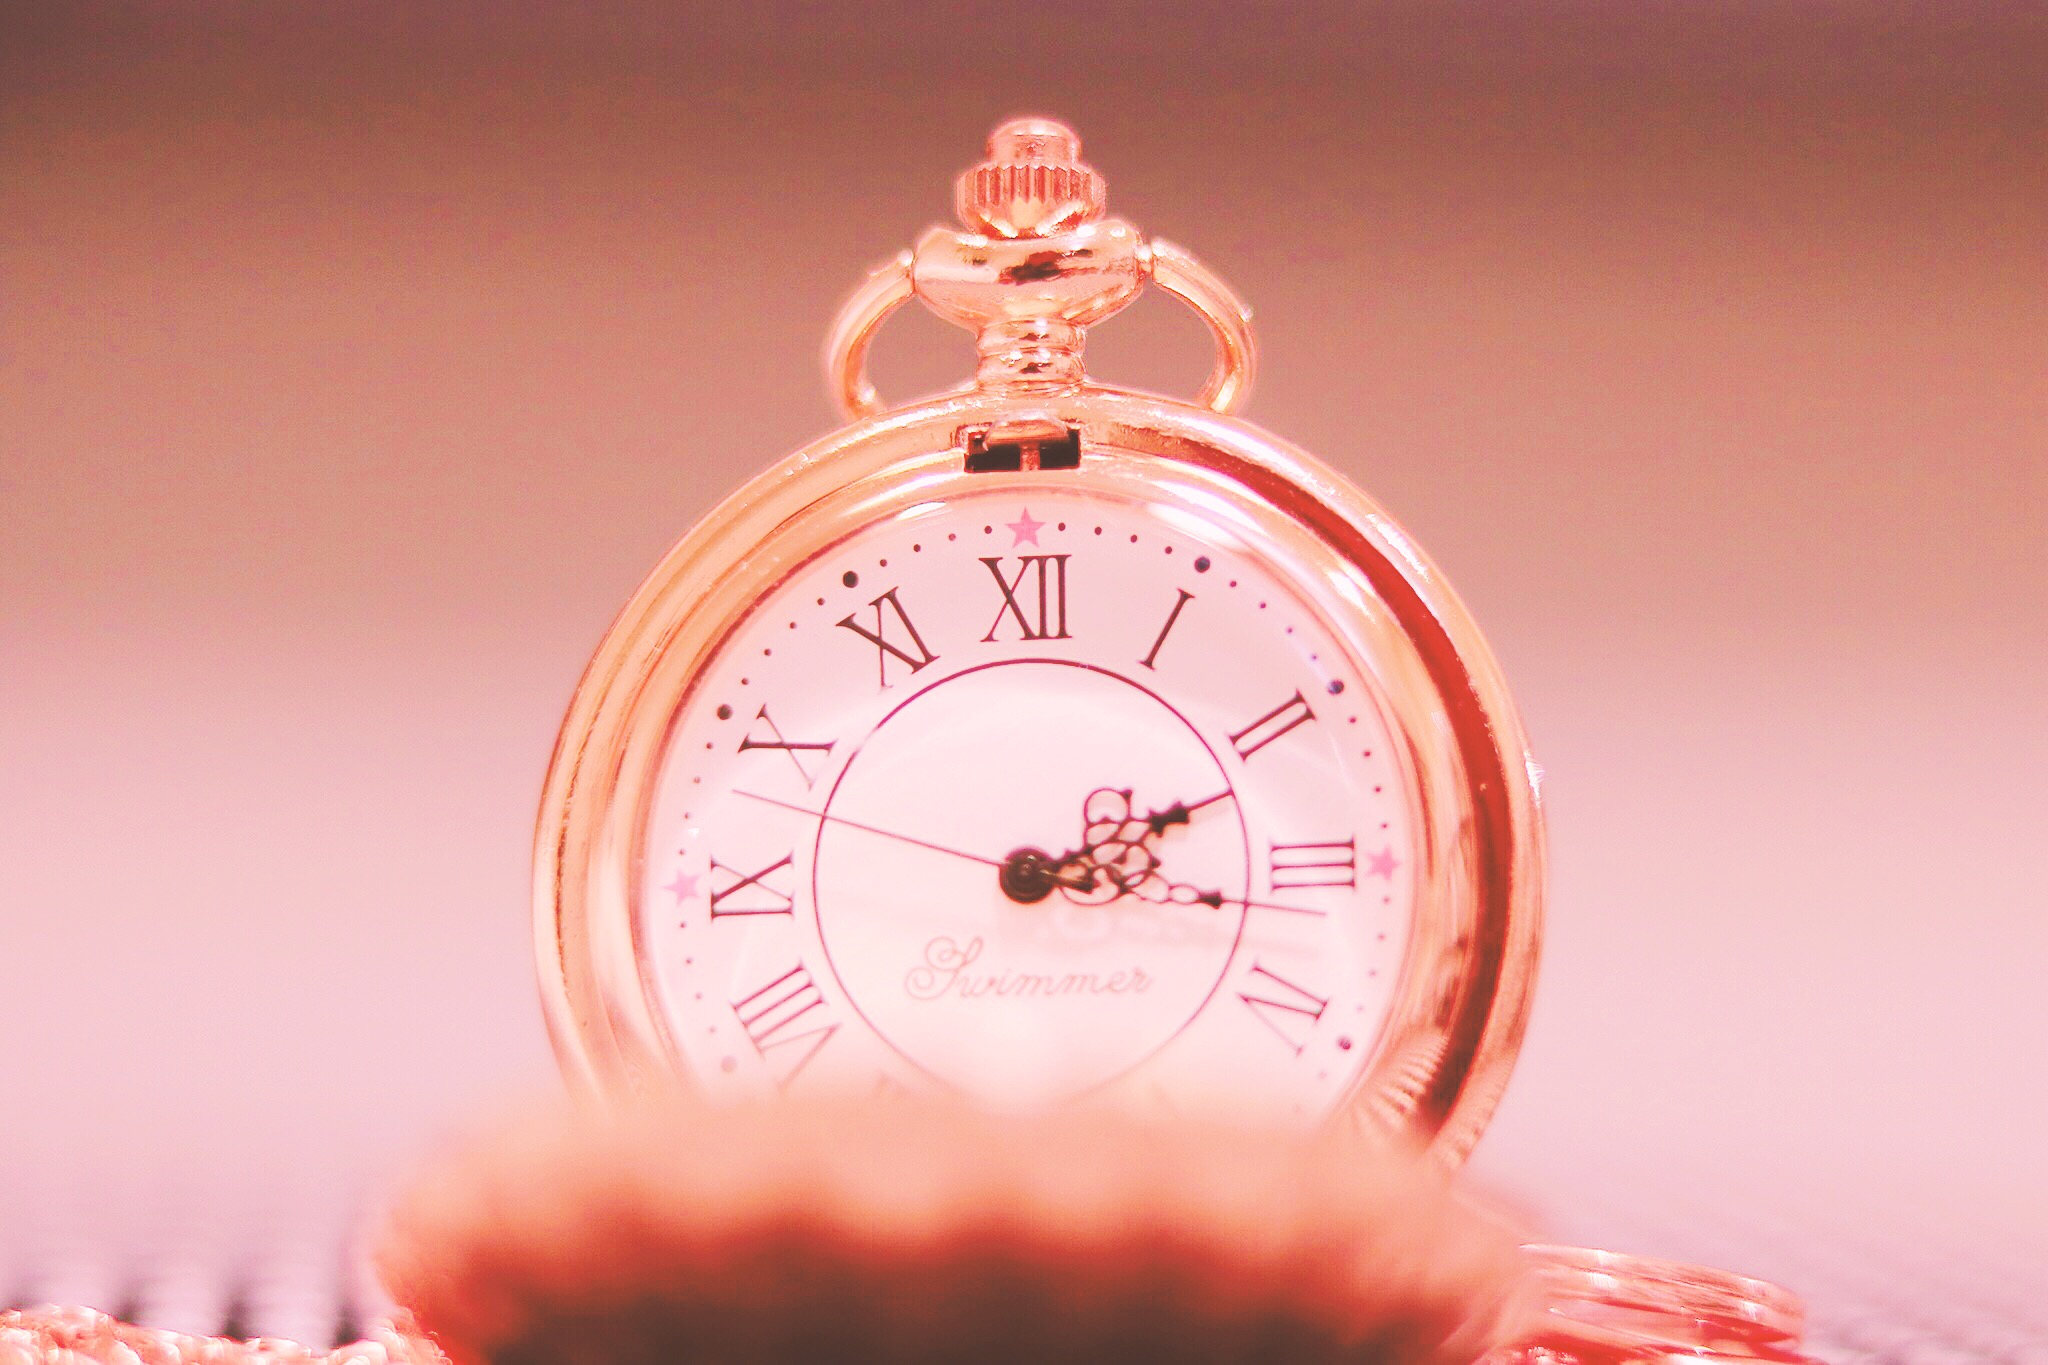 online retailer 85955 86a25 高校生の腕時計でおすすめは?人気のレディースブランド ...